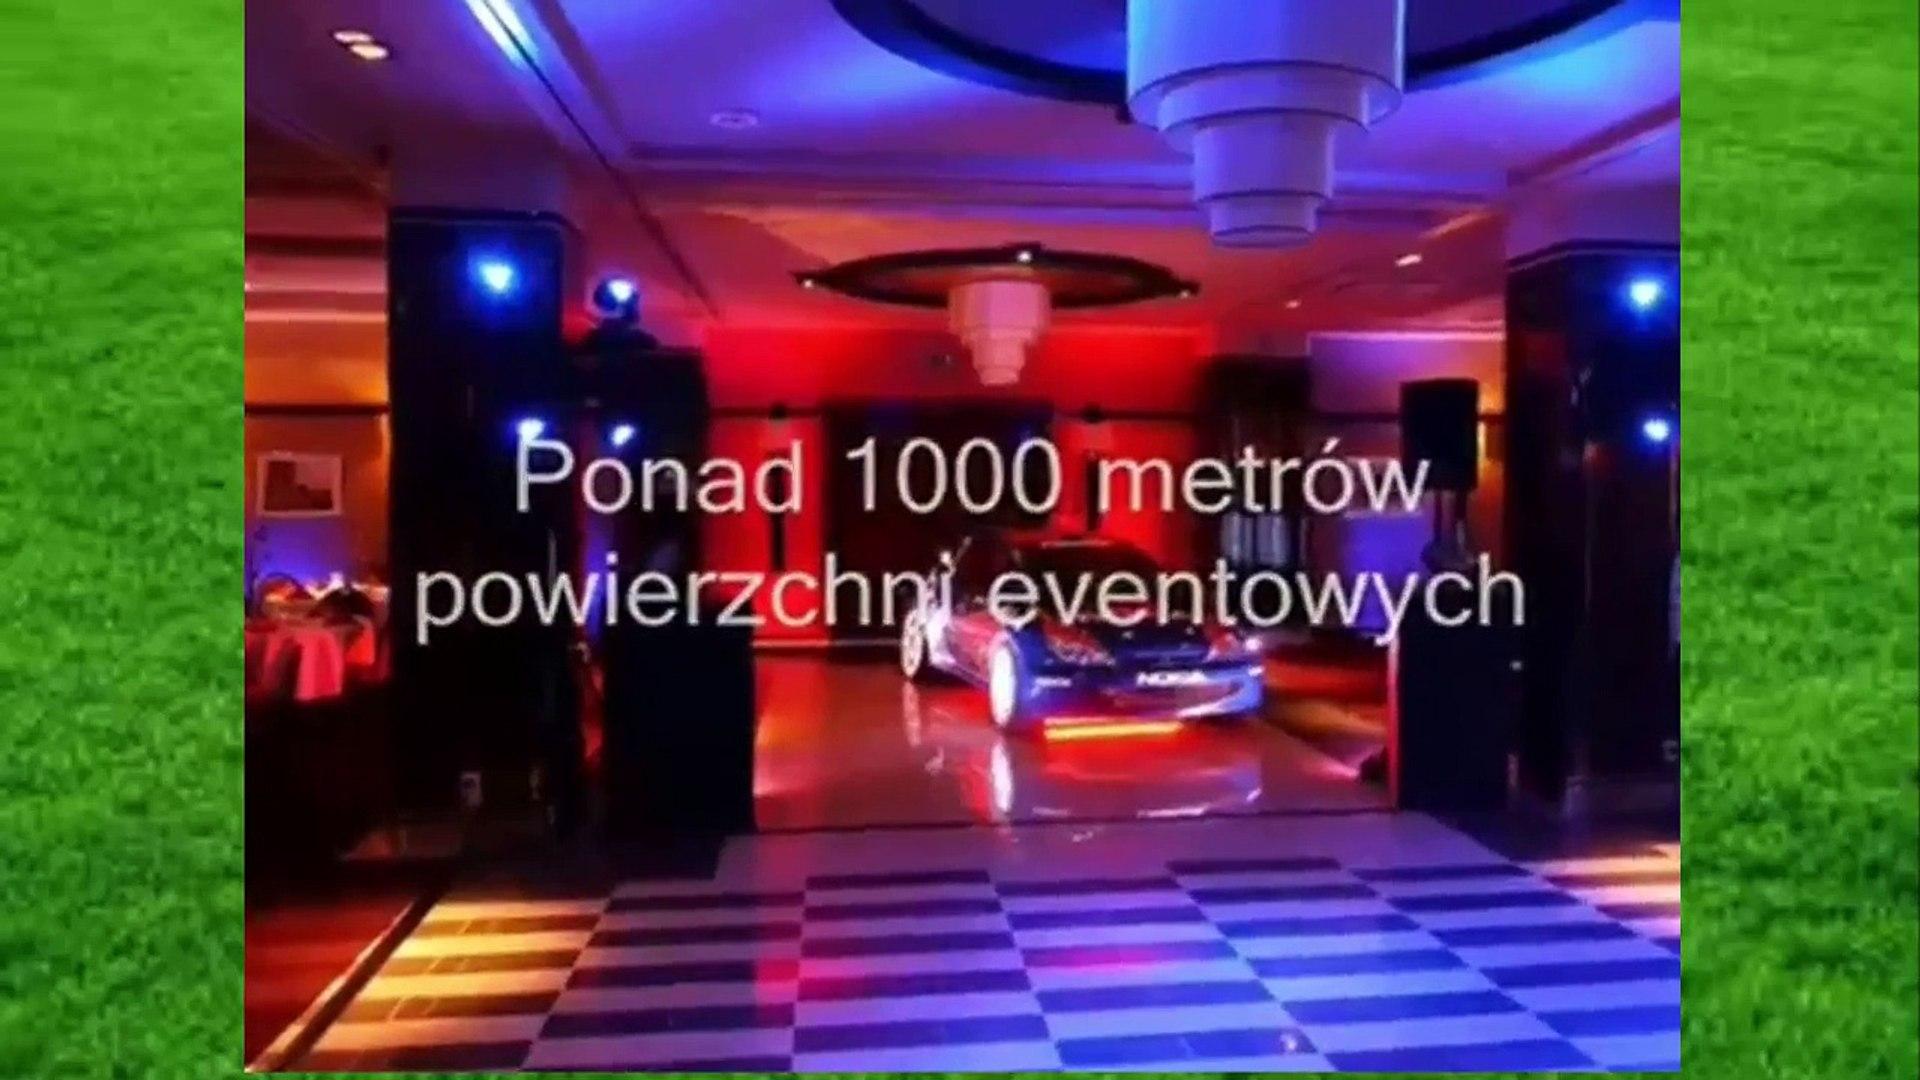 Готель Панорама, Варшава. Мої подорожі